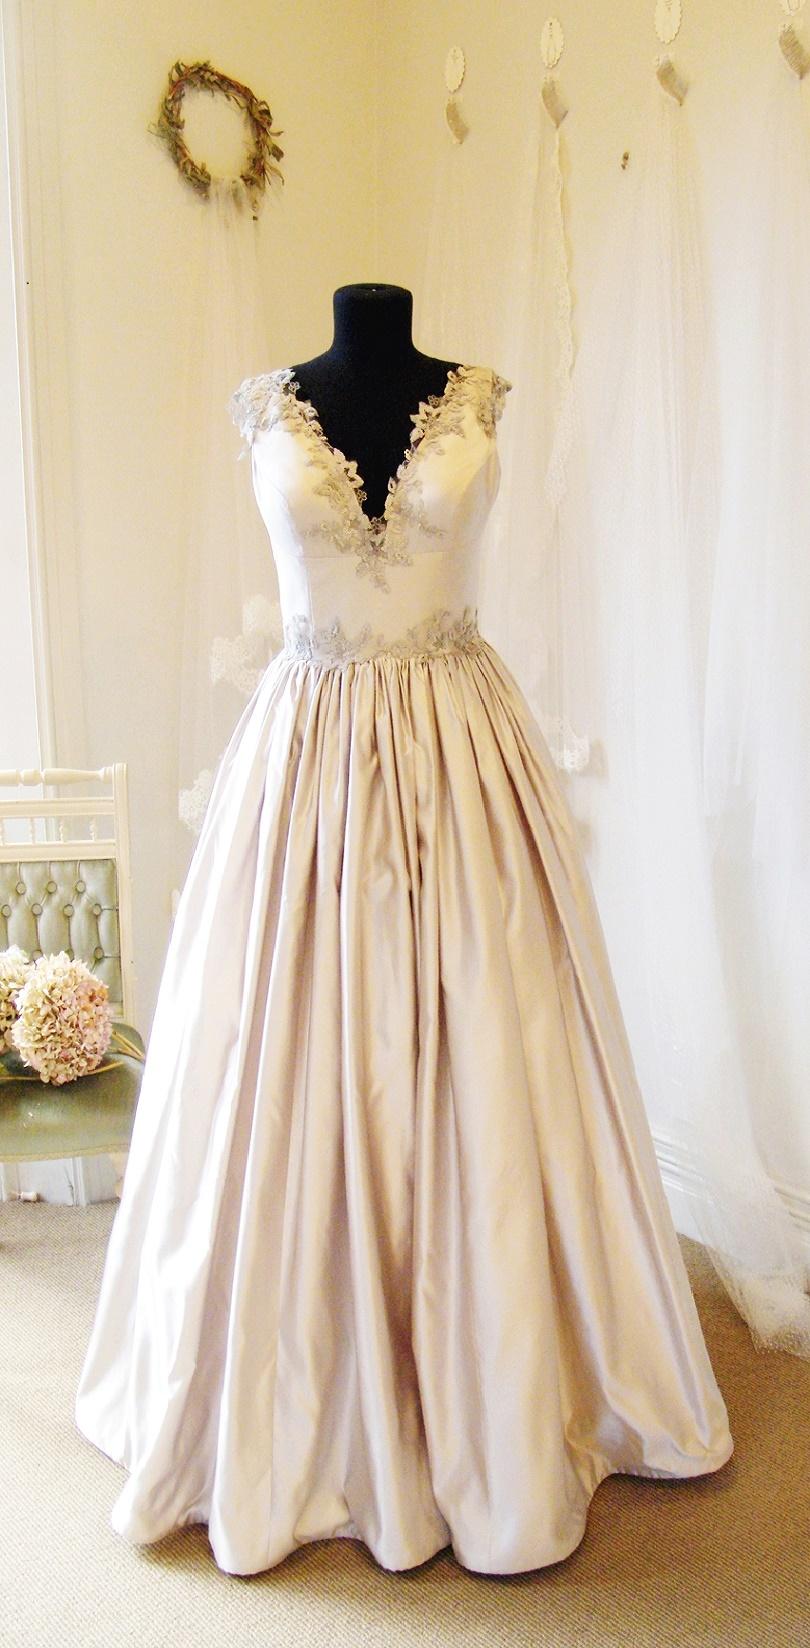 Duchess - Christchurch Bridal Boutique Wedding Dress Shop.JPG